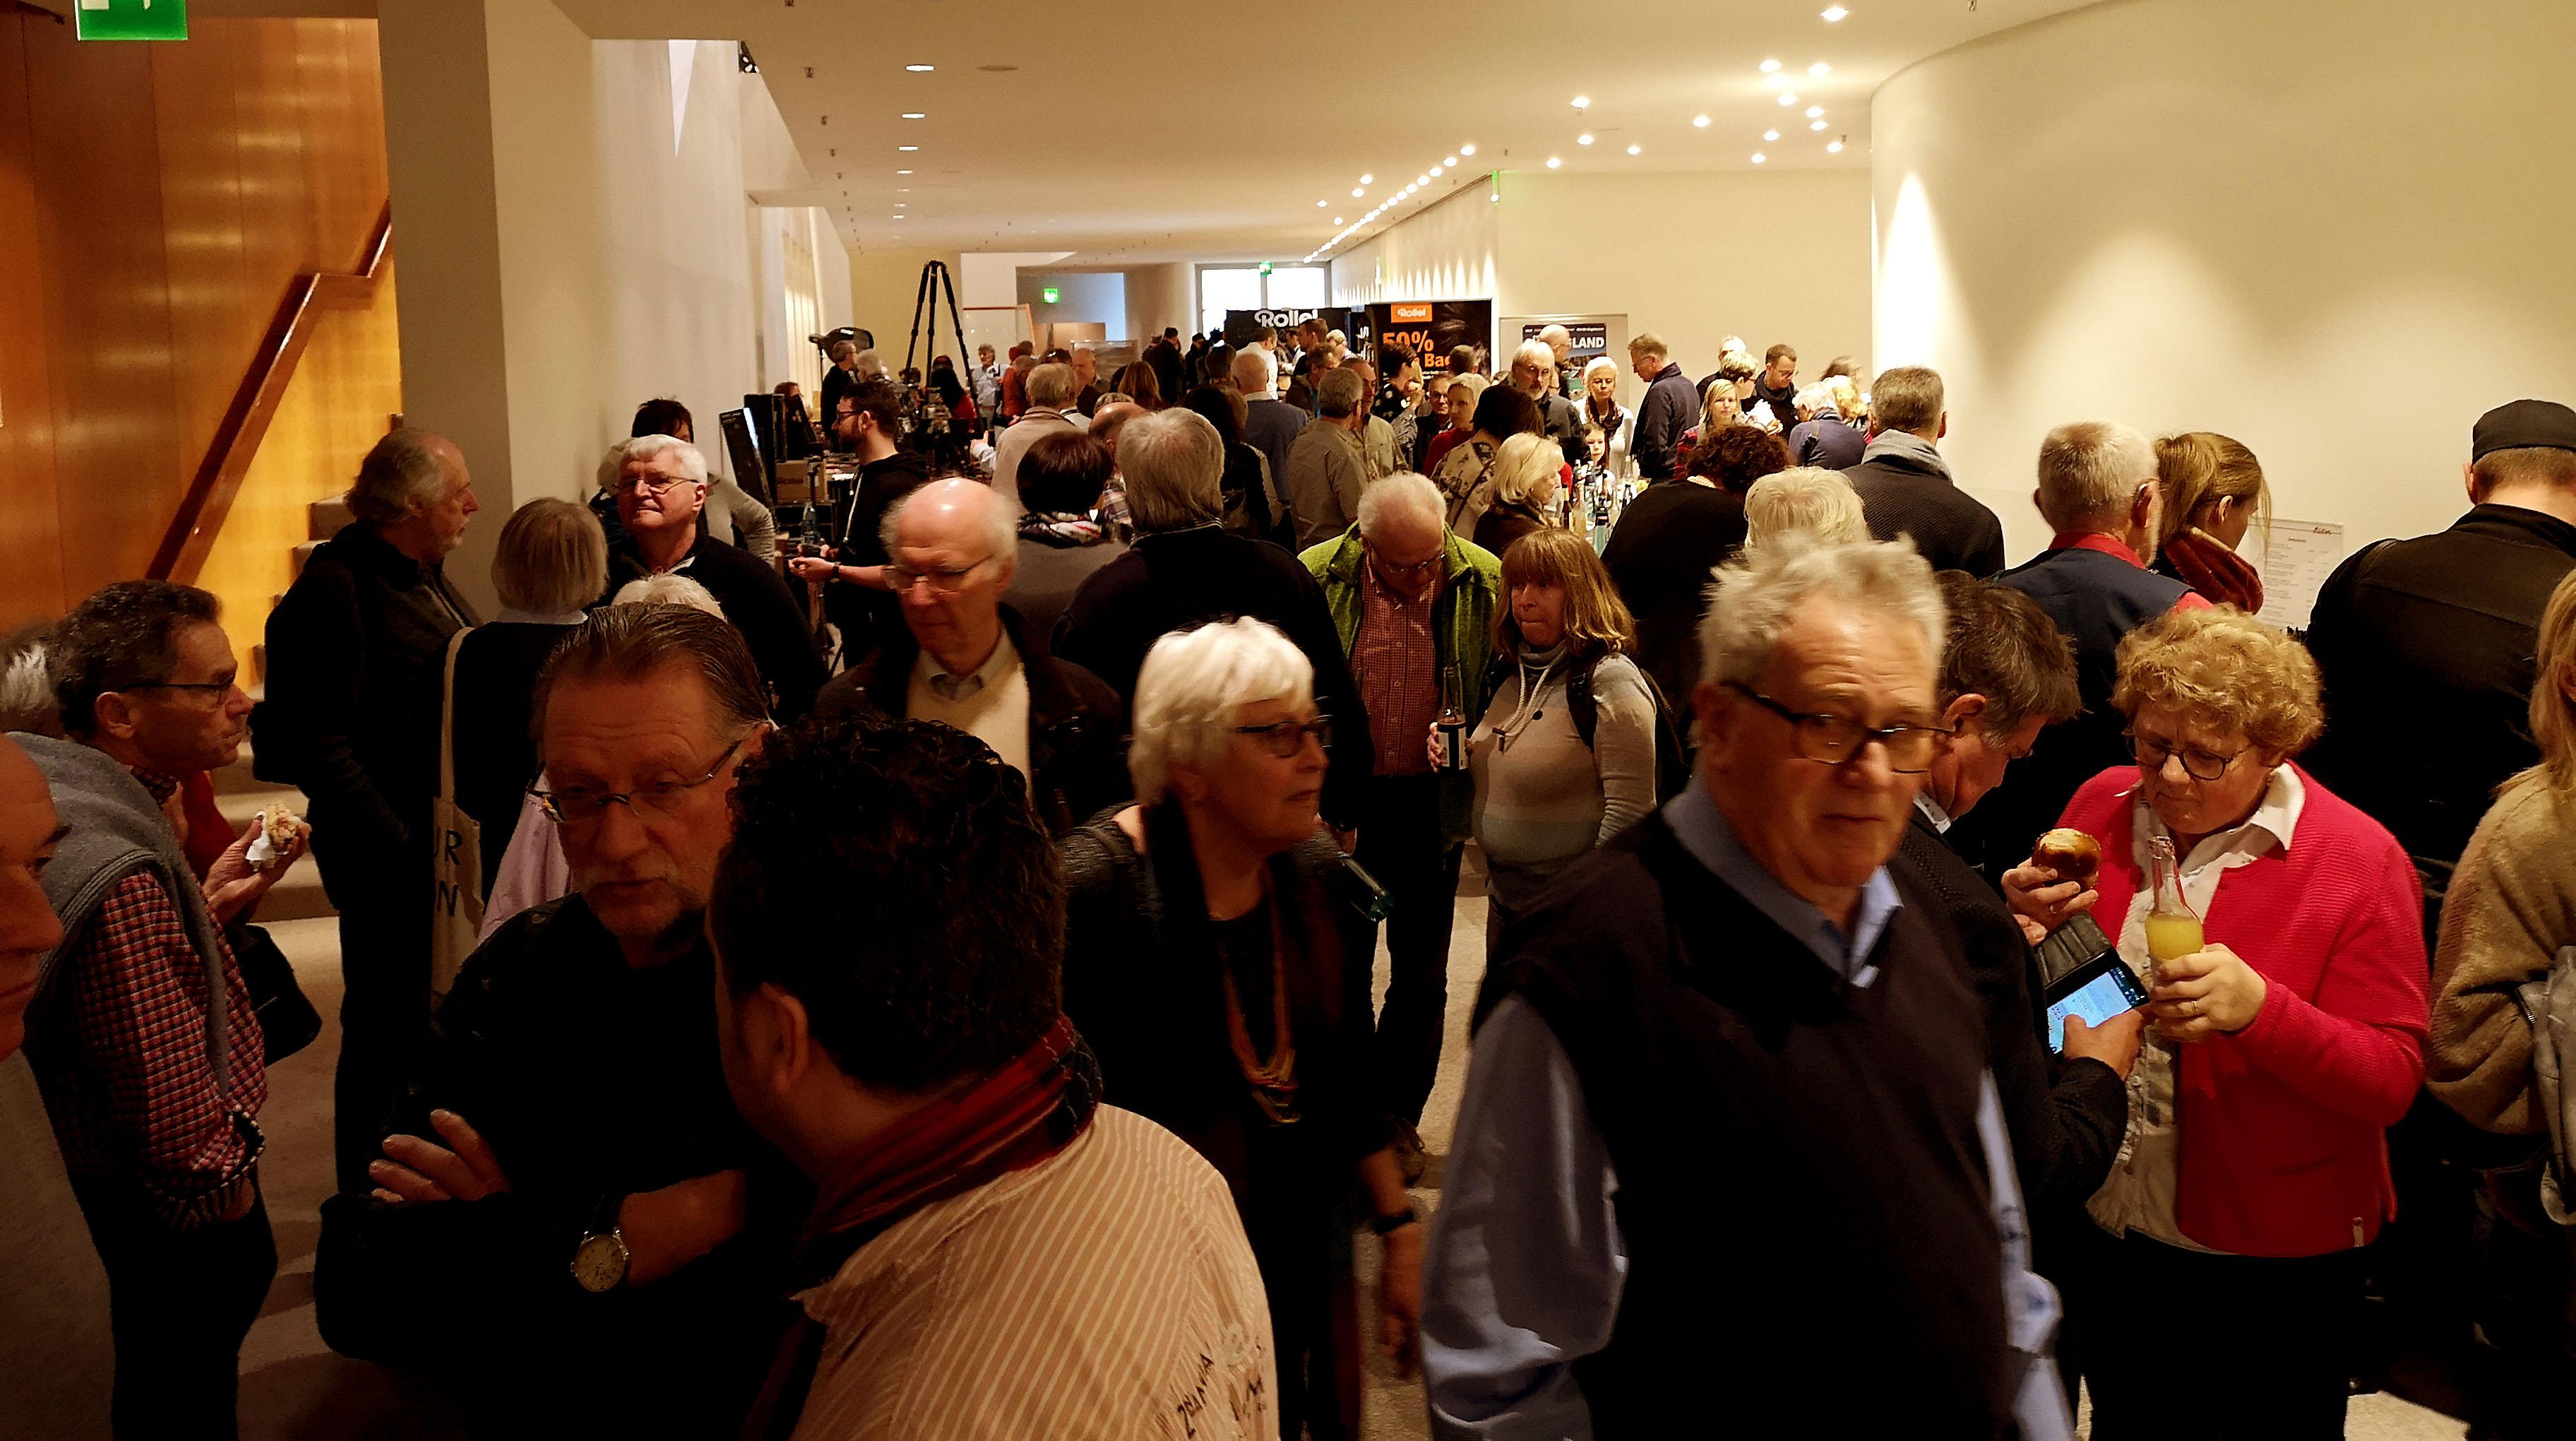 Foto: Michael B. Rehders - Rappelvolle Gänge. Während der Pausen strömten die Massen aus dem großen Saal, um sich mit Getränken und kleinen Snacks zu stärken oder sich über die Fotoprodukte bei den Ausstellern zu informieren.